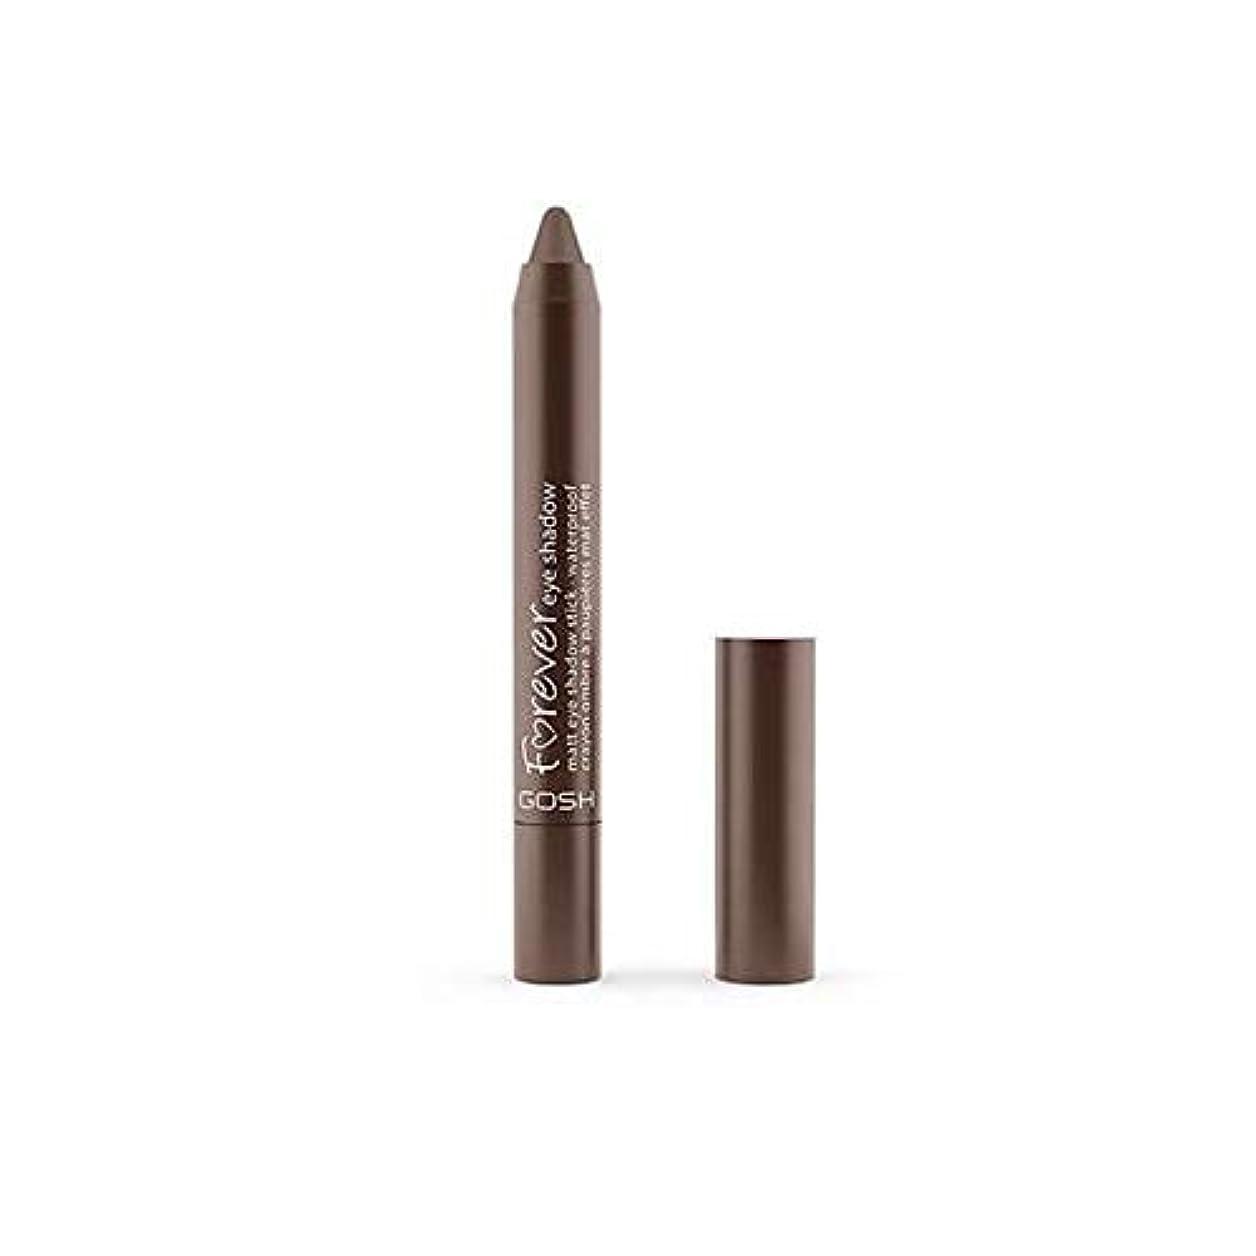 姿勢杭極貧[GOSH ] おやっ永遠にシングルアイシャドウクレヨン11のD /ブラウン1.5グラムをマット - Gosh Forever Matte Single Eyeshadow Crayon 11 D/Brown 1.5G...